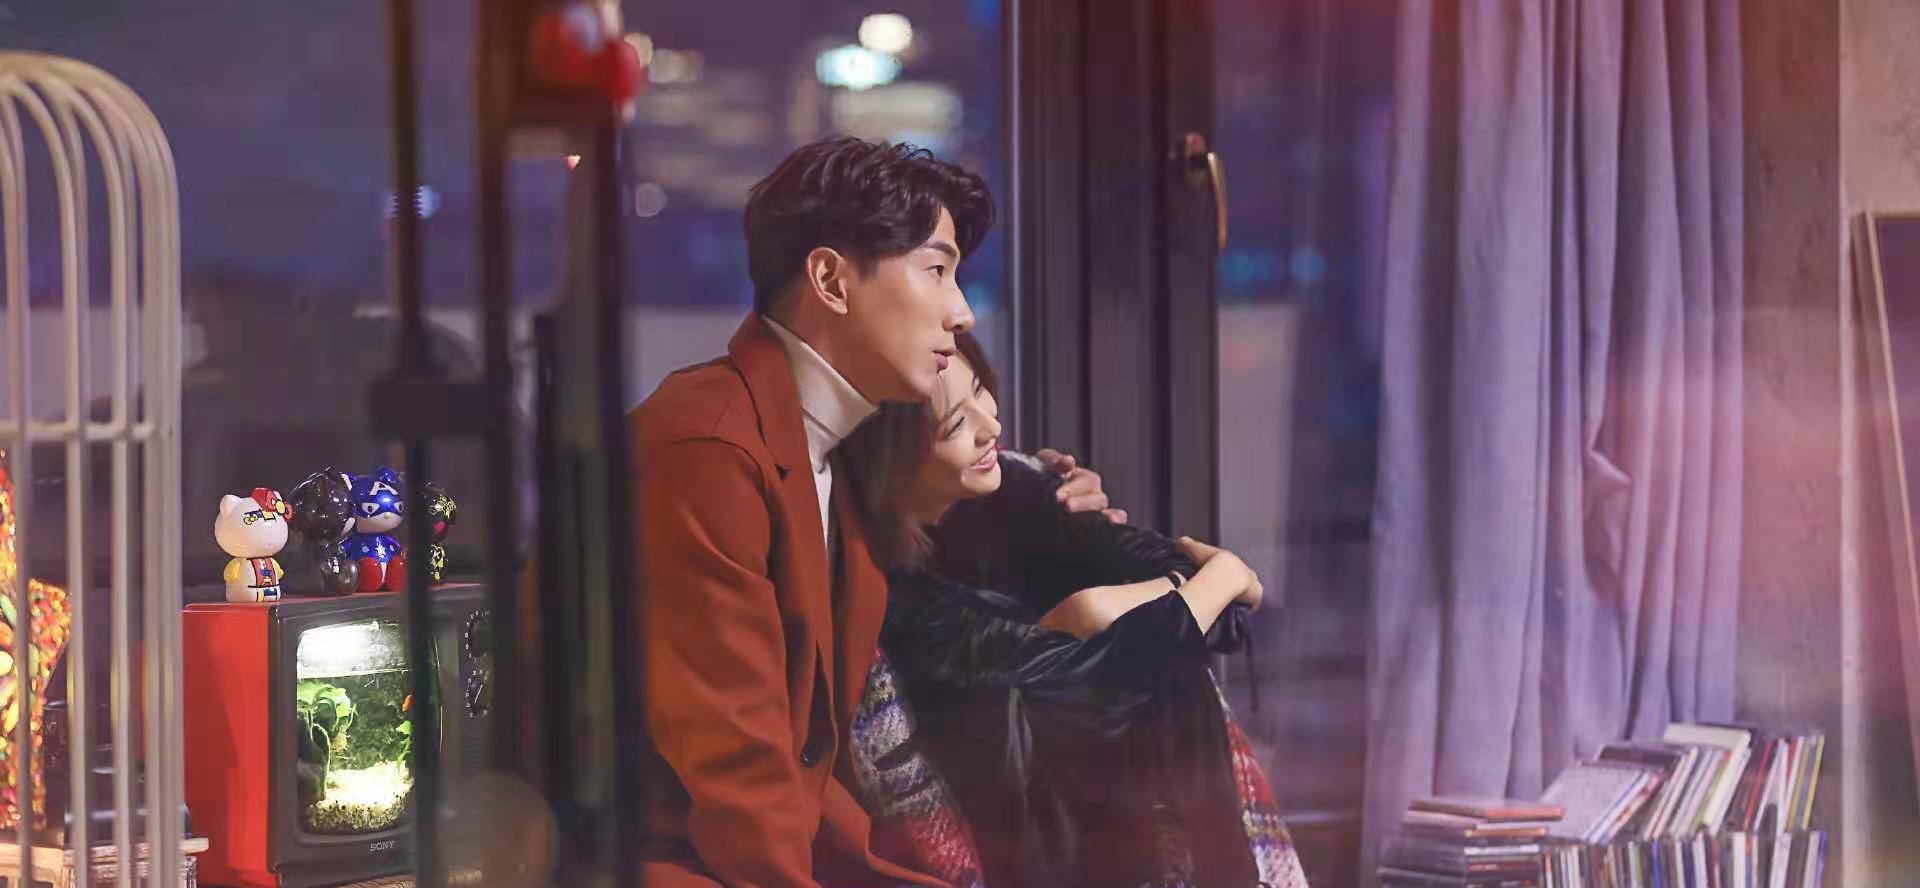 大家认为佟丽娅和张亮出演的电视剧《明天我们好好过》怎么样呢?